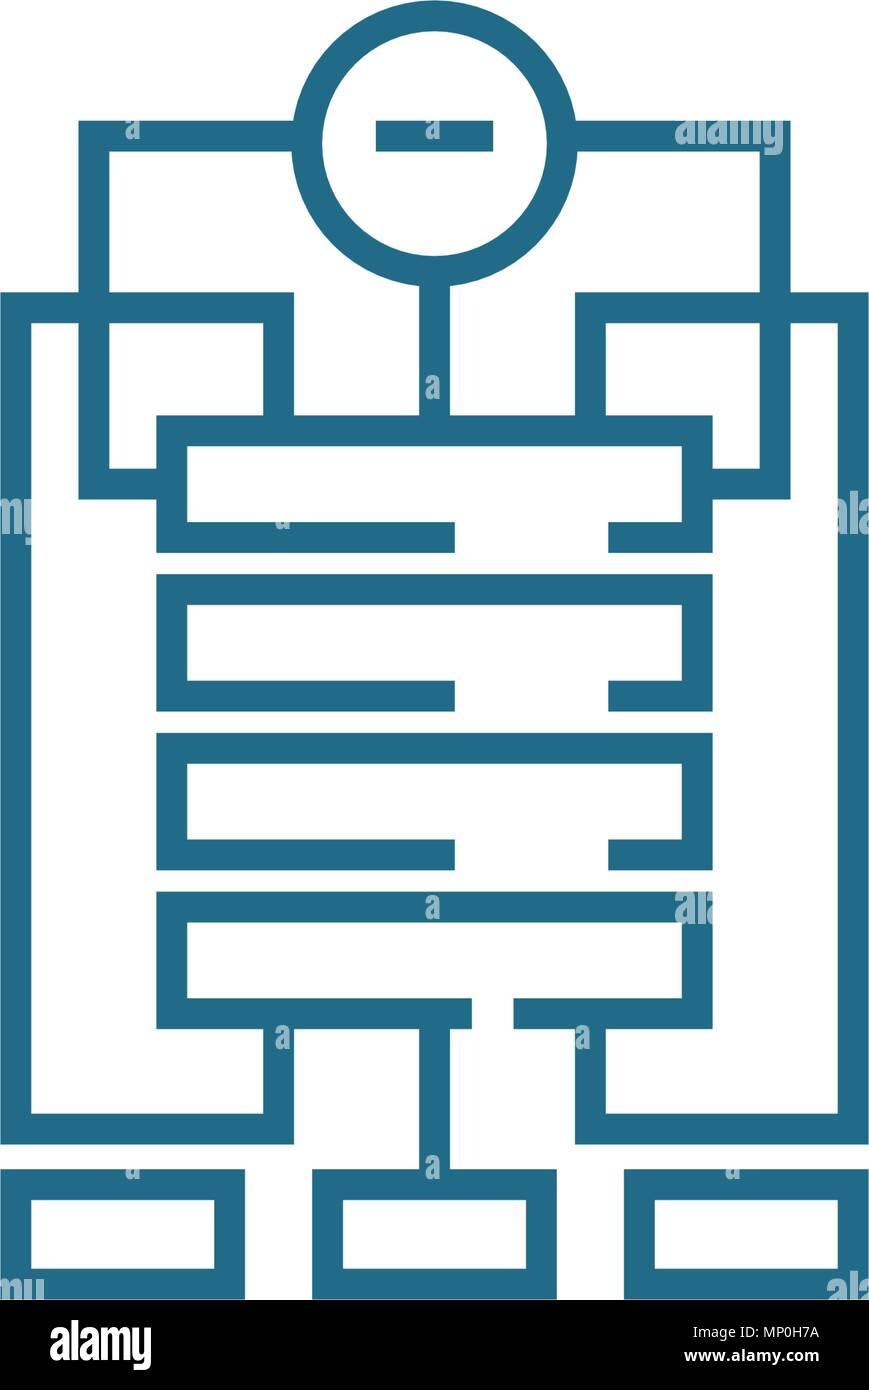 La Estructura De La Empresa Icono Lineal Concepto Línea De